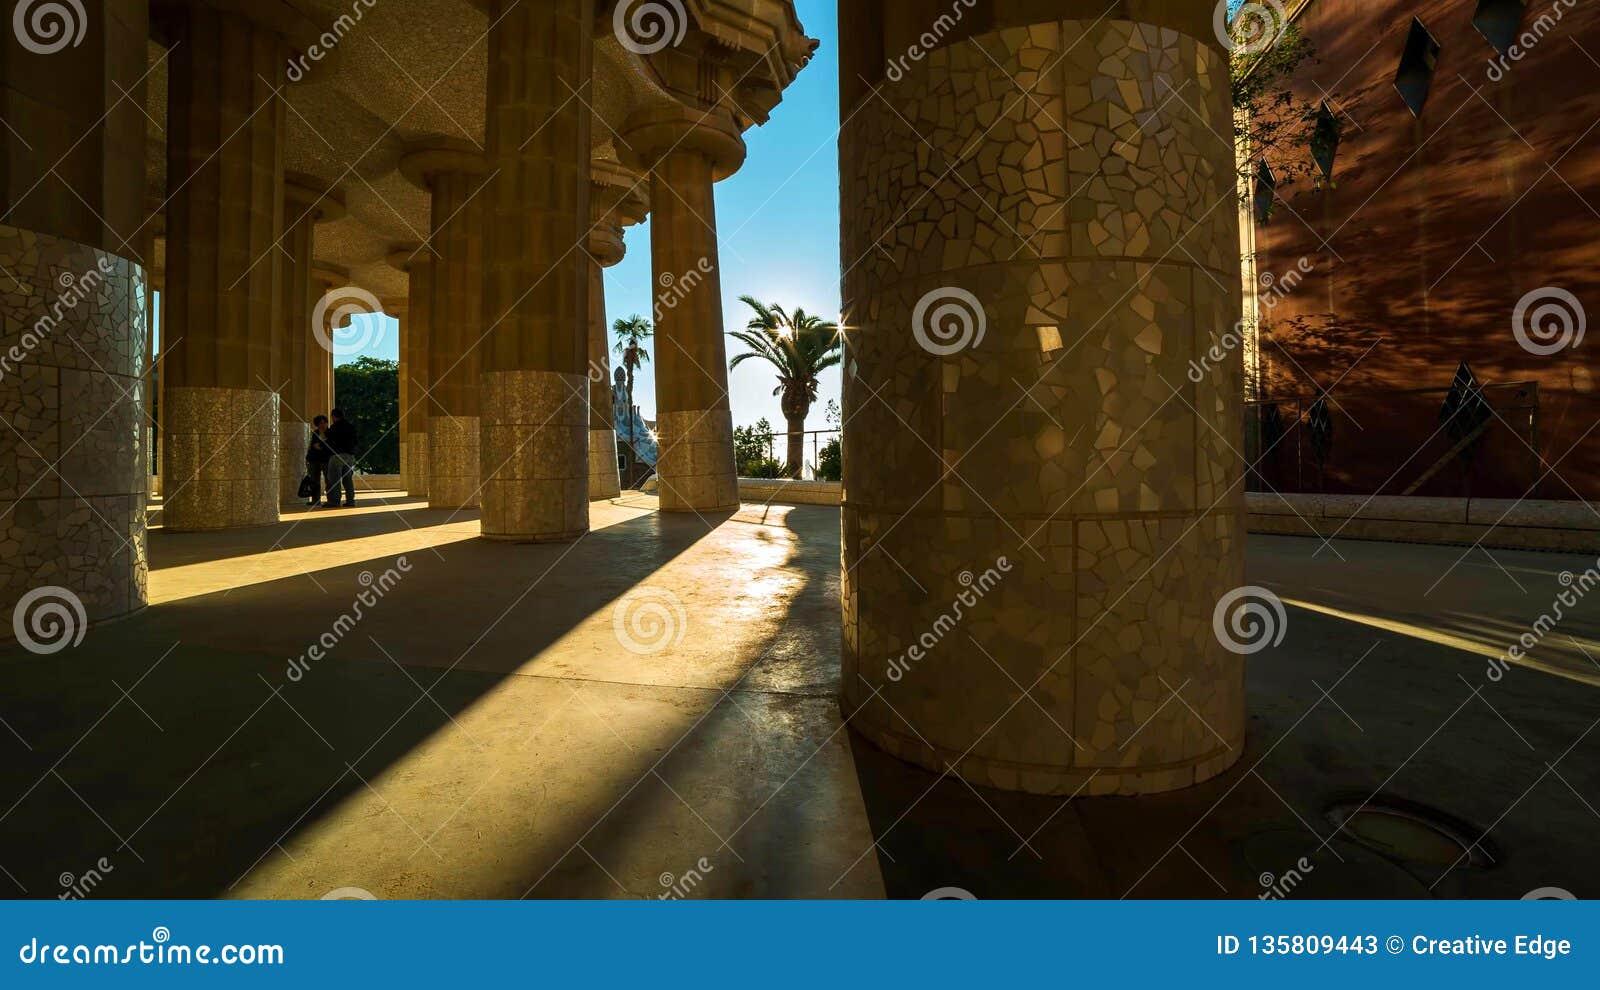 Барселона прописной и самый большой город Каталонии, так же, как второй многолюдный муниципалитет Испании